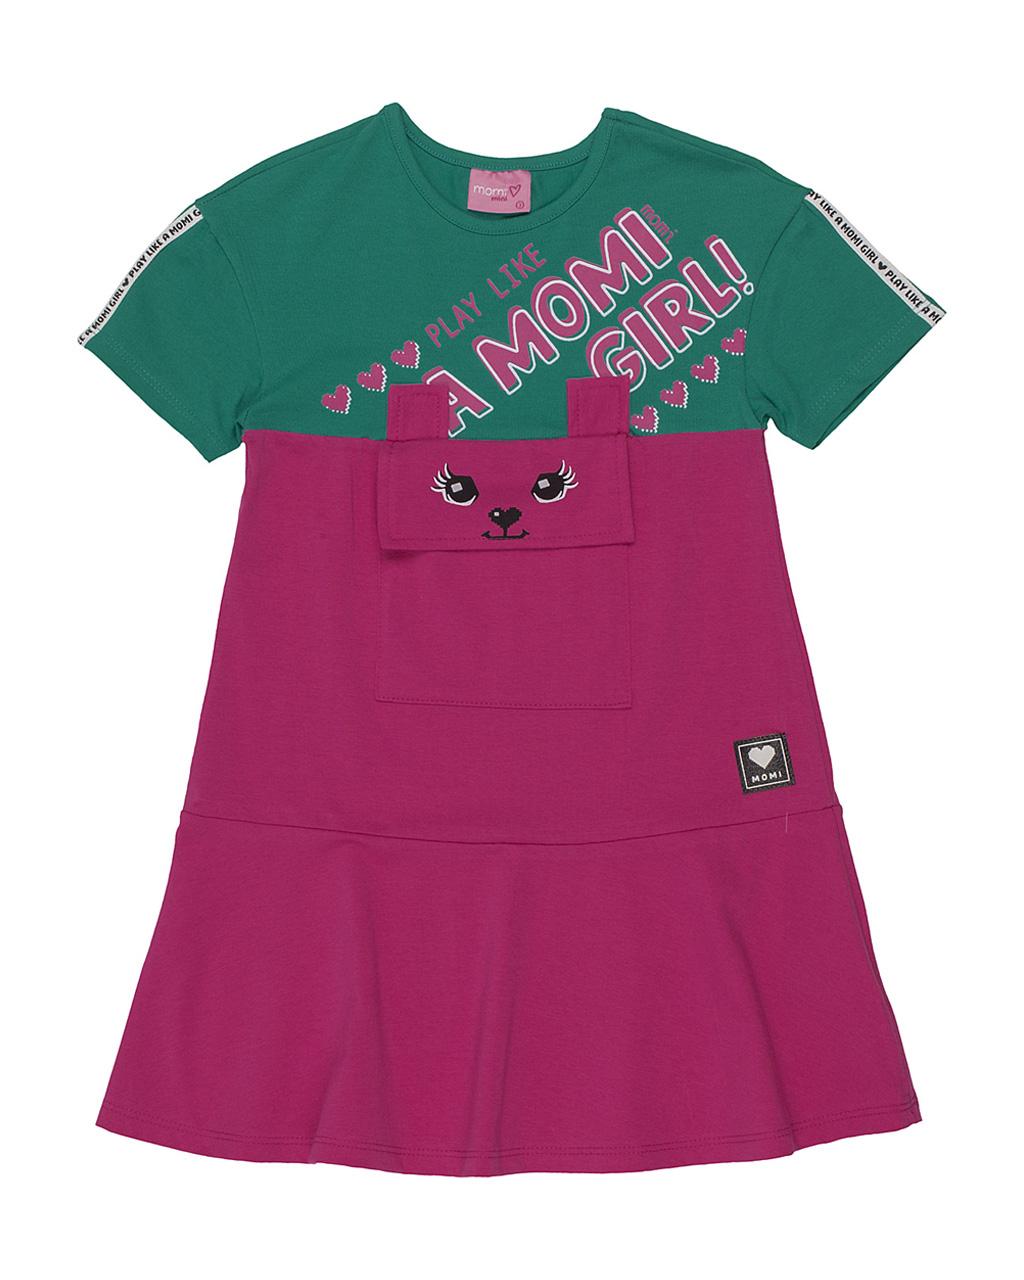 Vestido Infantil Manga Curta Bolso Urso Rosa e Verde Momi